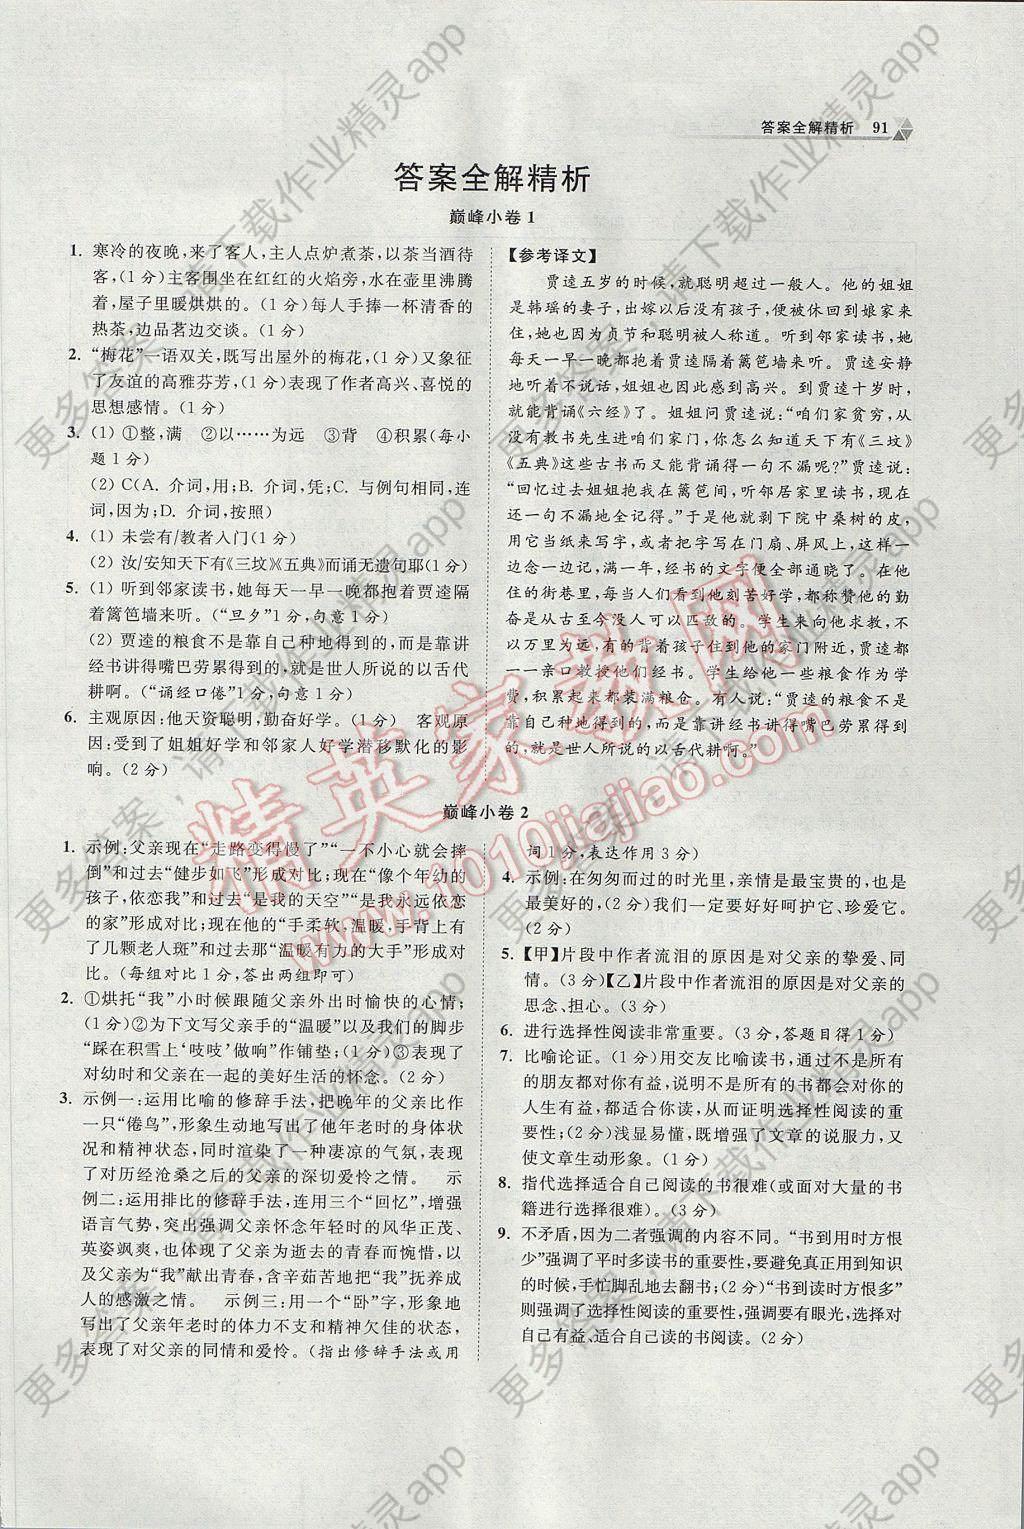 2017年初中语文小题狂做九年级上册巅峰版答案